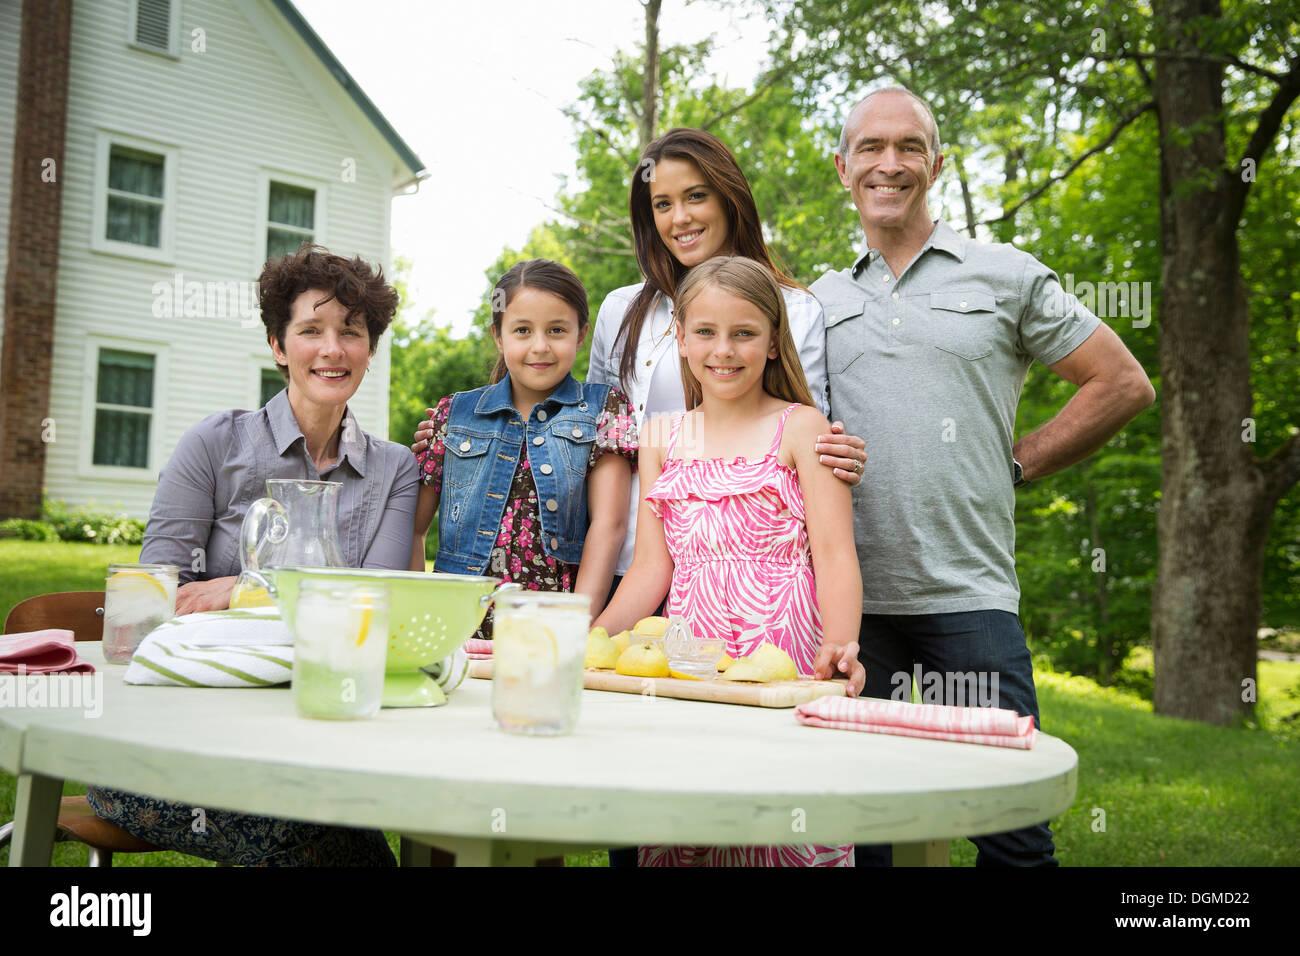 Ein Sommer-Familientreffen auf einem Bauernhof. Fünf Menschen posieren neben dem Tisch, wo ein Kind frische Limonade macht. Stockbild